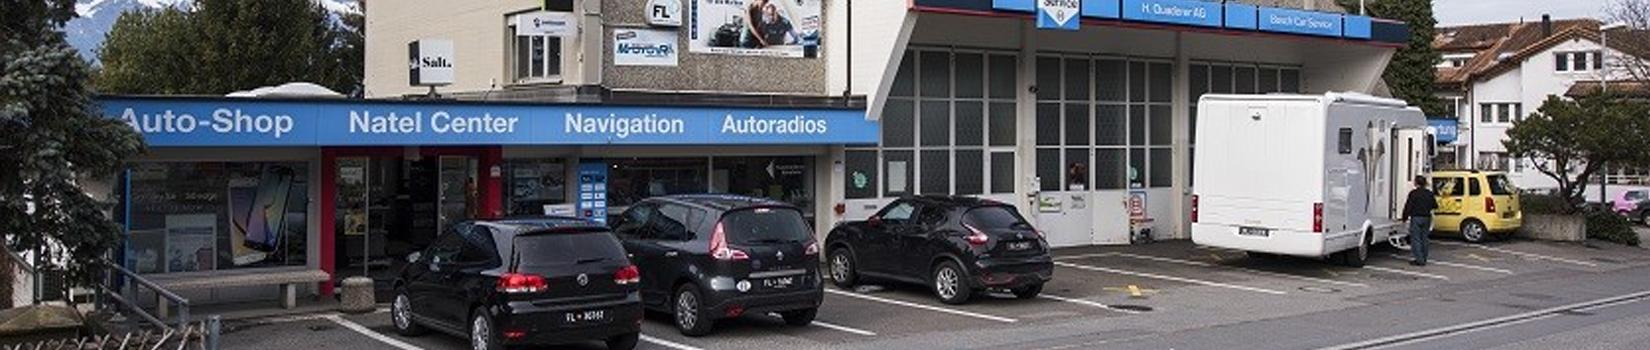 Quaderer Autoelektrik AG